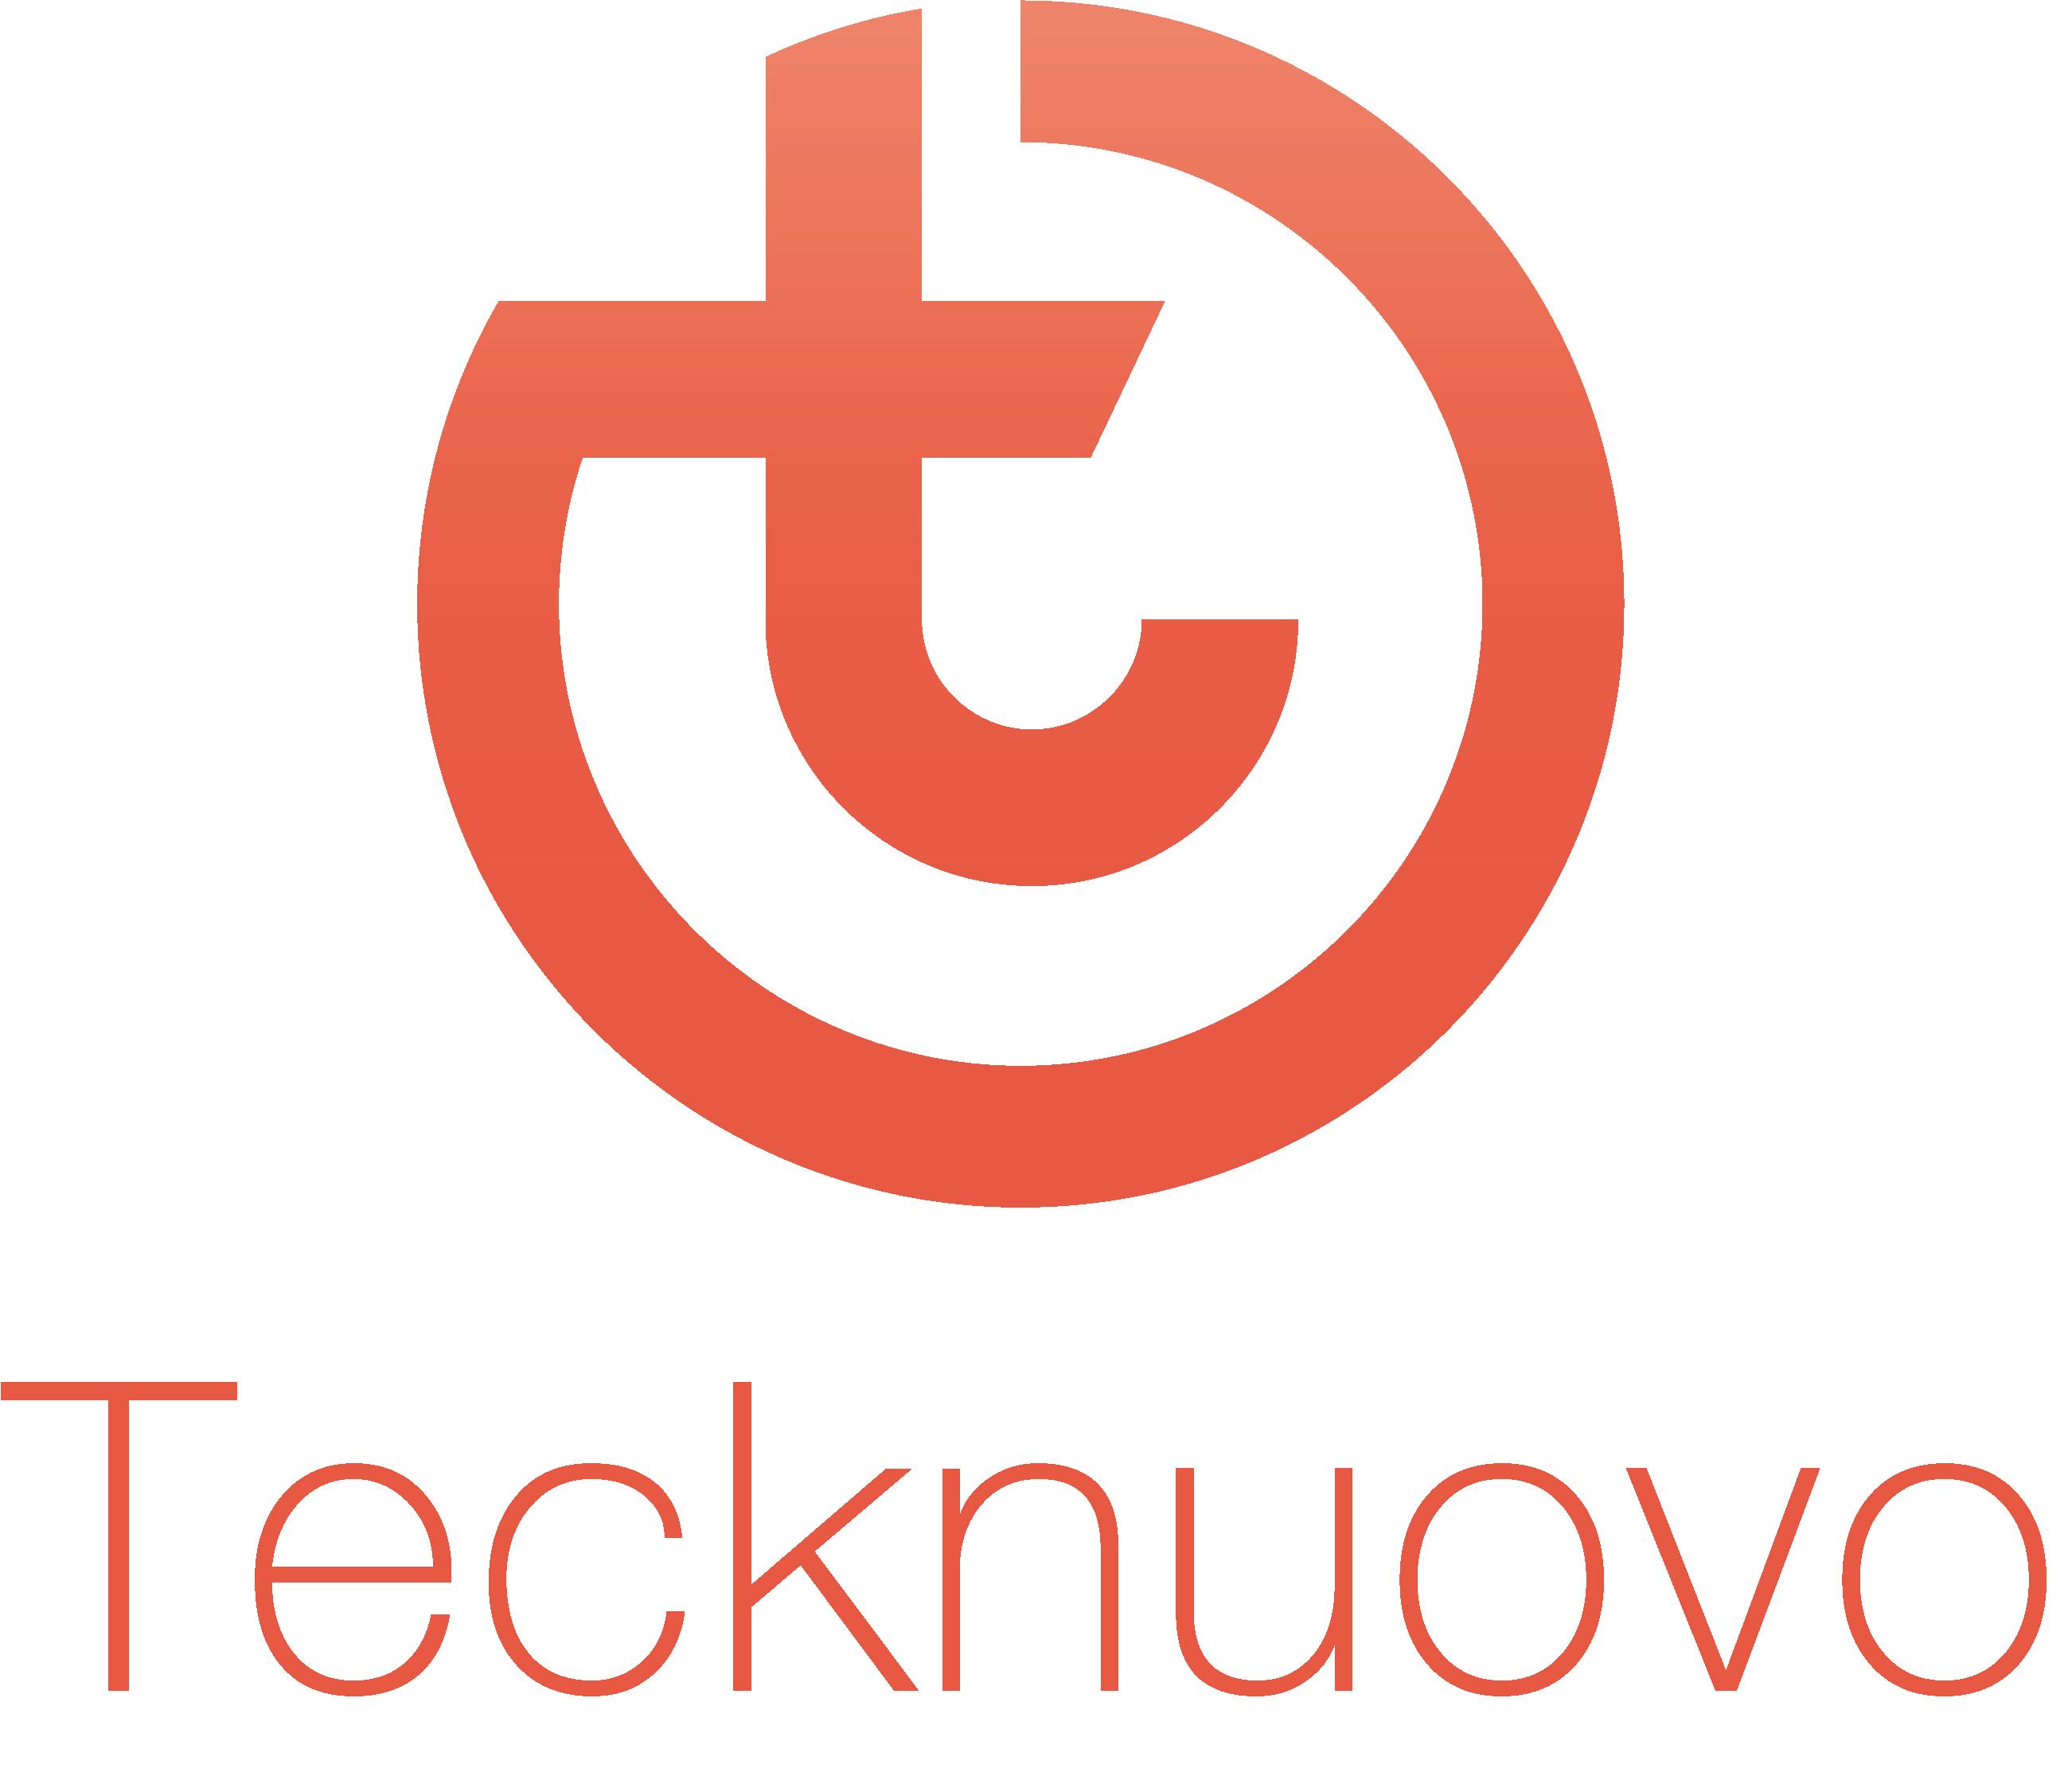 tecknuovo